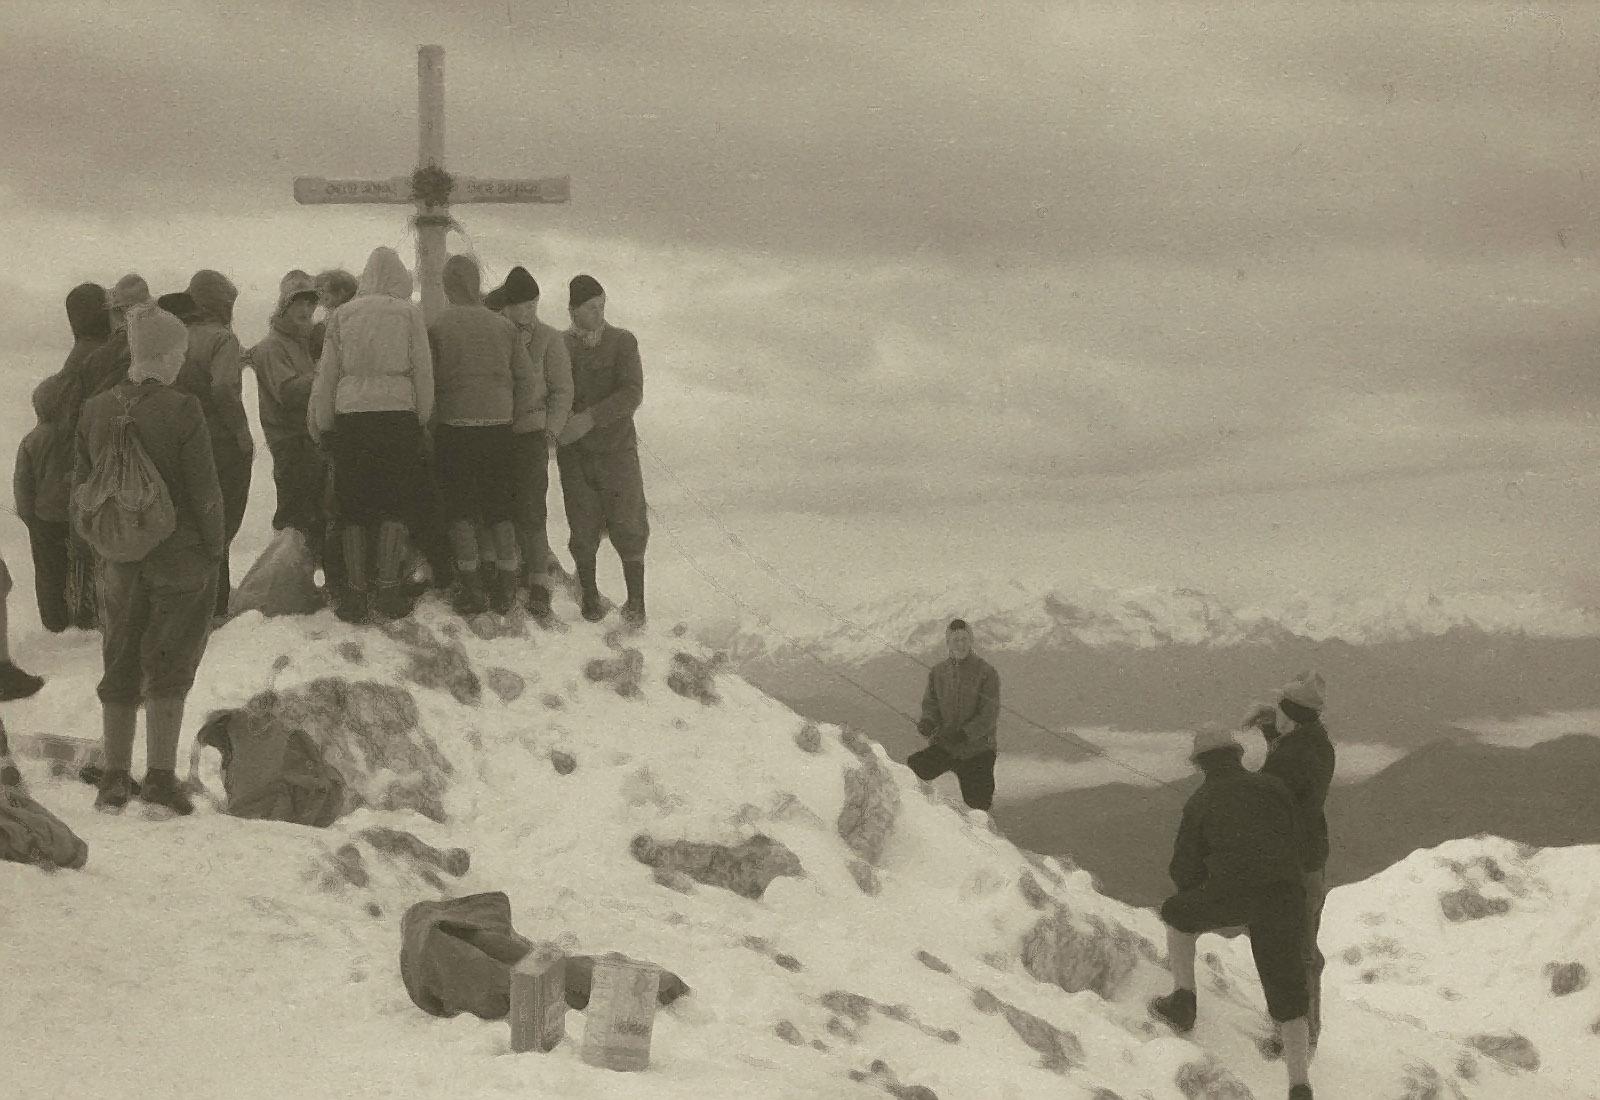 Am 14. August wurde das Gipfelkreuz am Lammkopf erstmals aufgestellt